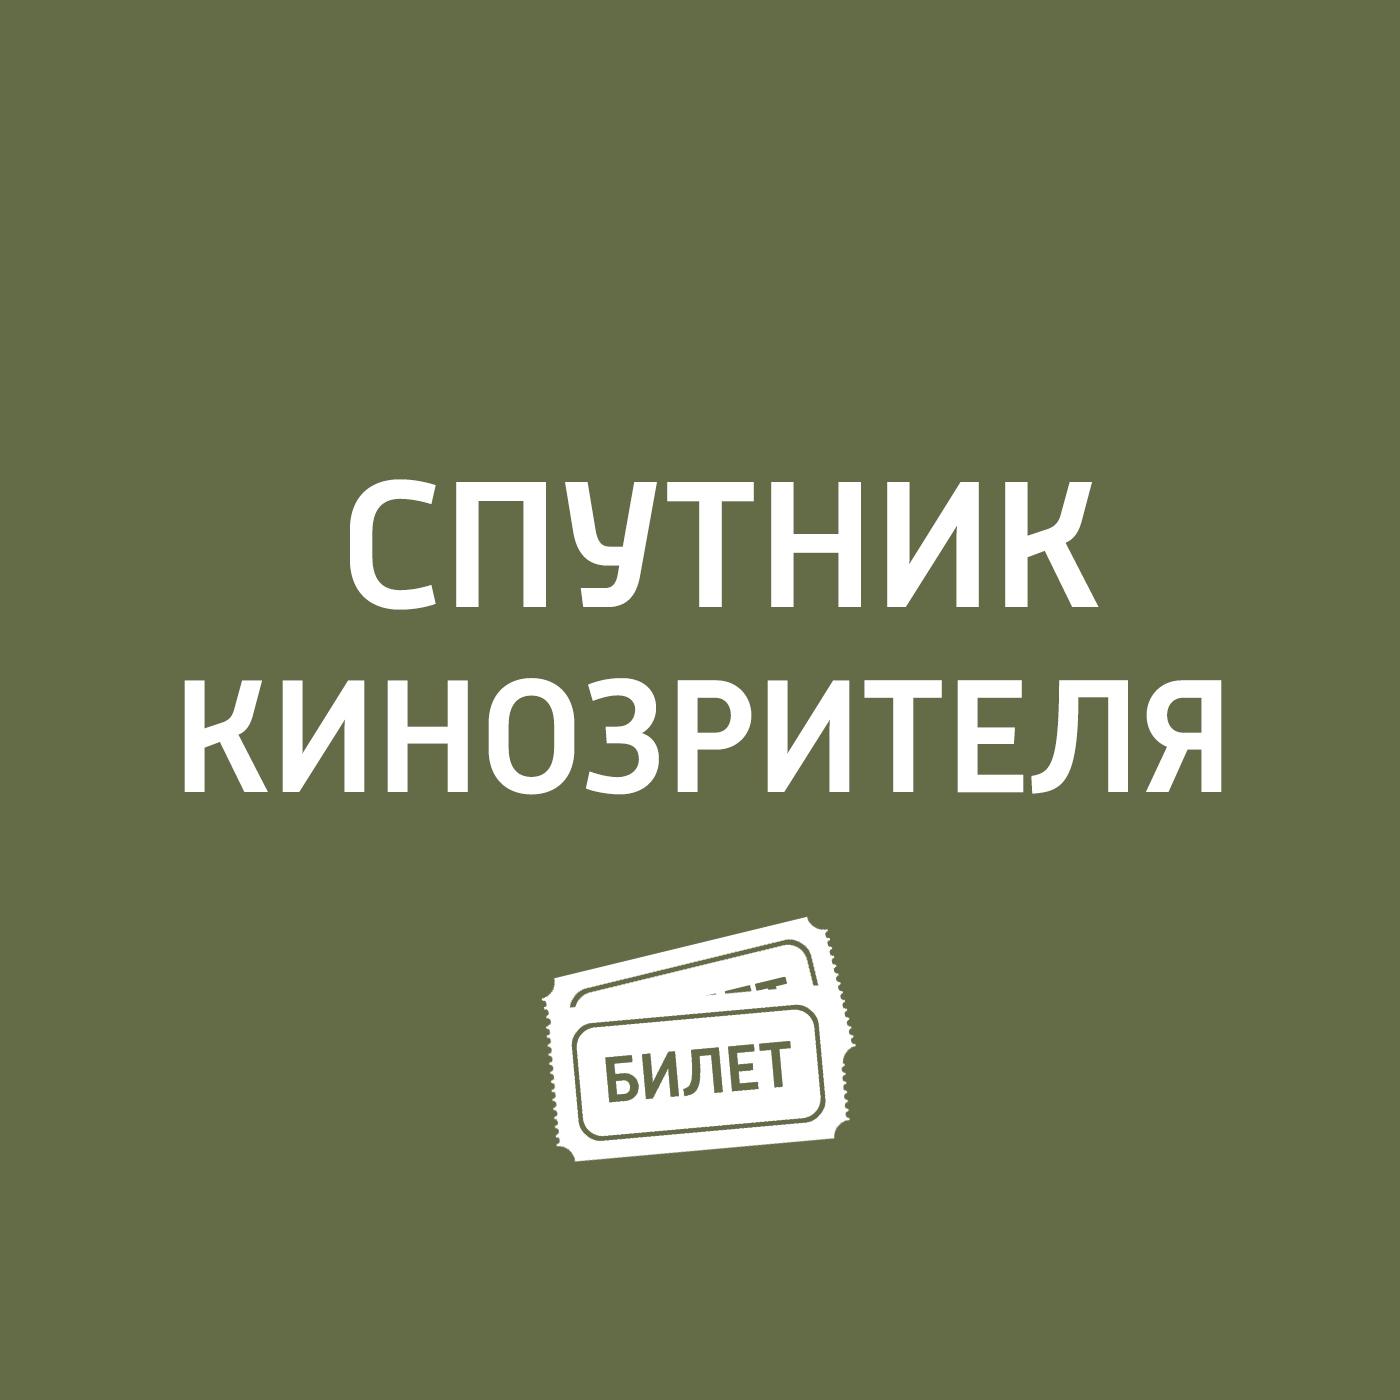 Антон Долин Стартрек: Возмездие, «Великий Гэтсби кабель акустический готовый nordost frey 2 1 m